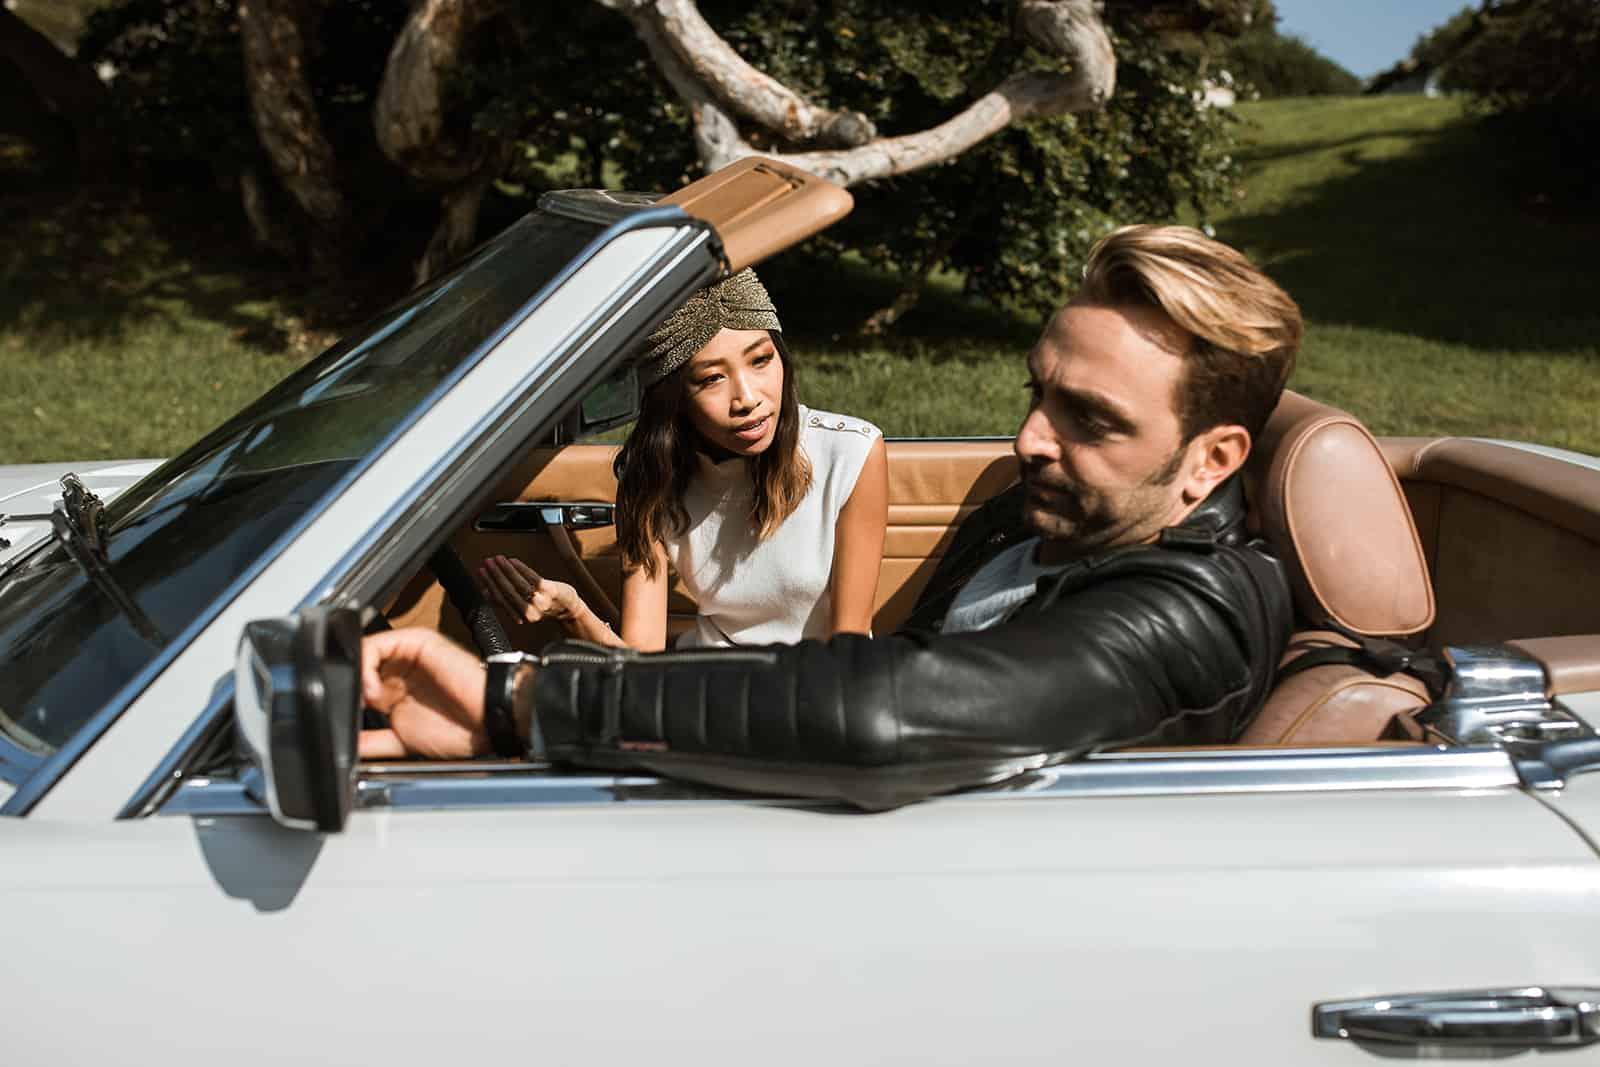 verärgerte Frau, die mit einem Mann spricht, während sie zusammen im Auto sitzt